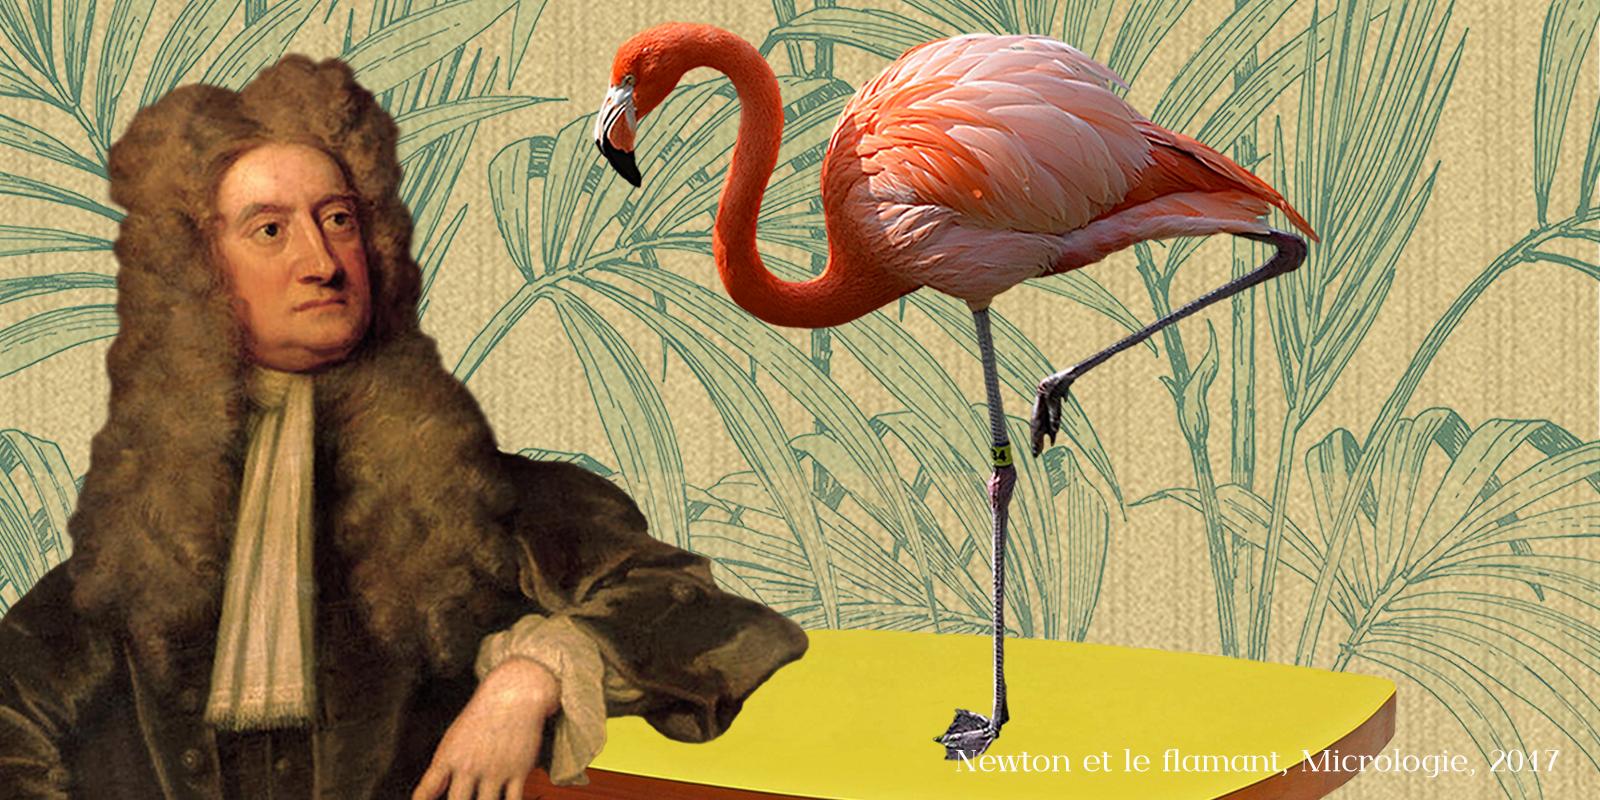 Newton et le flamant, micrologie